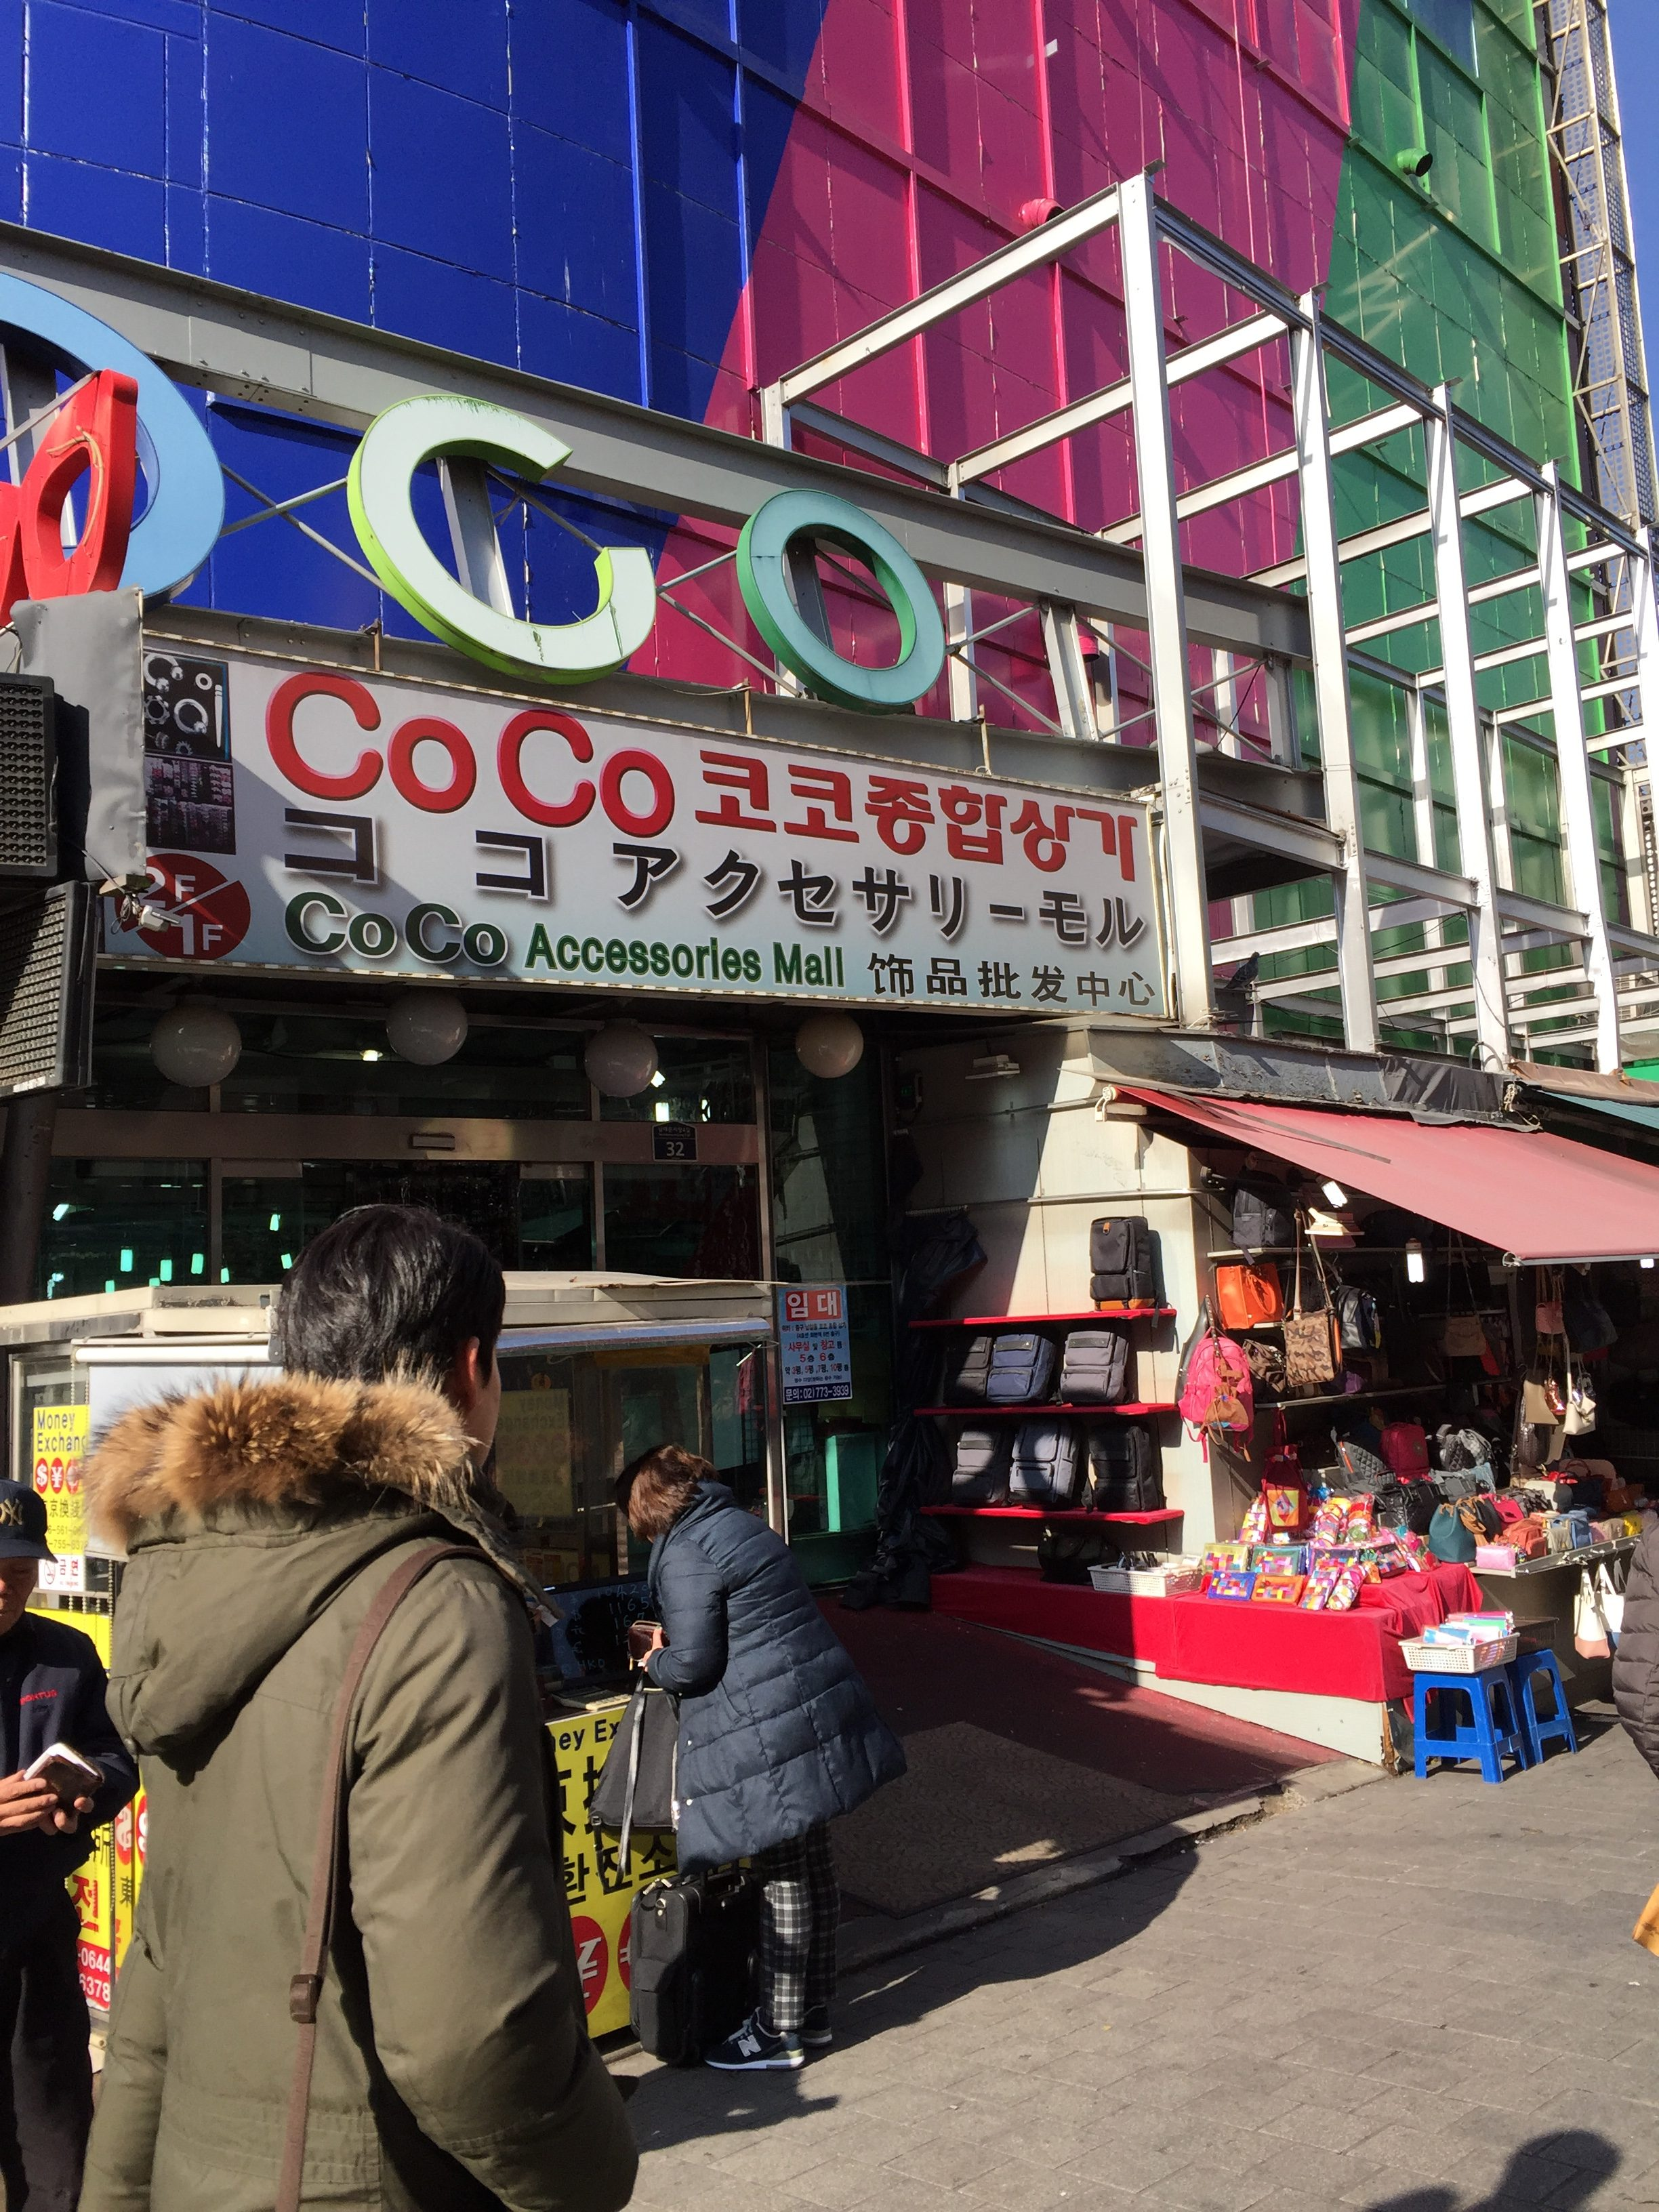 韓国でアクセサリーを買うなら「南大門市場の アクセサリー問屋ビル」